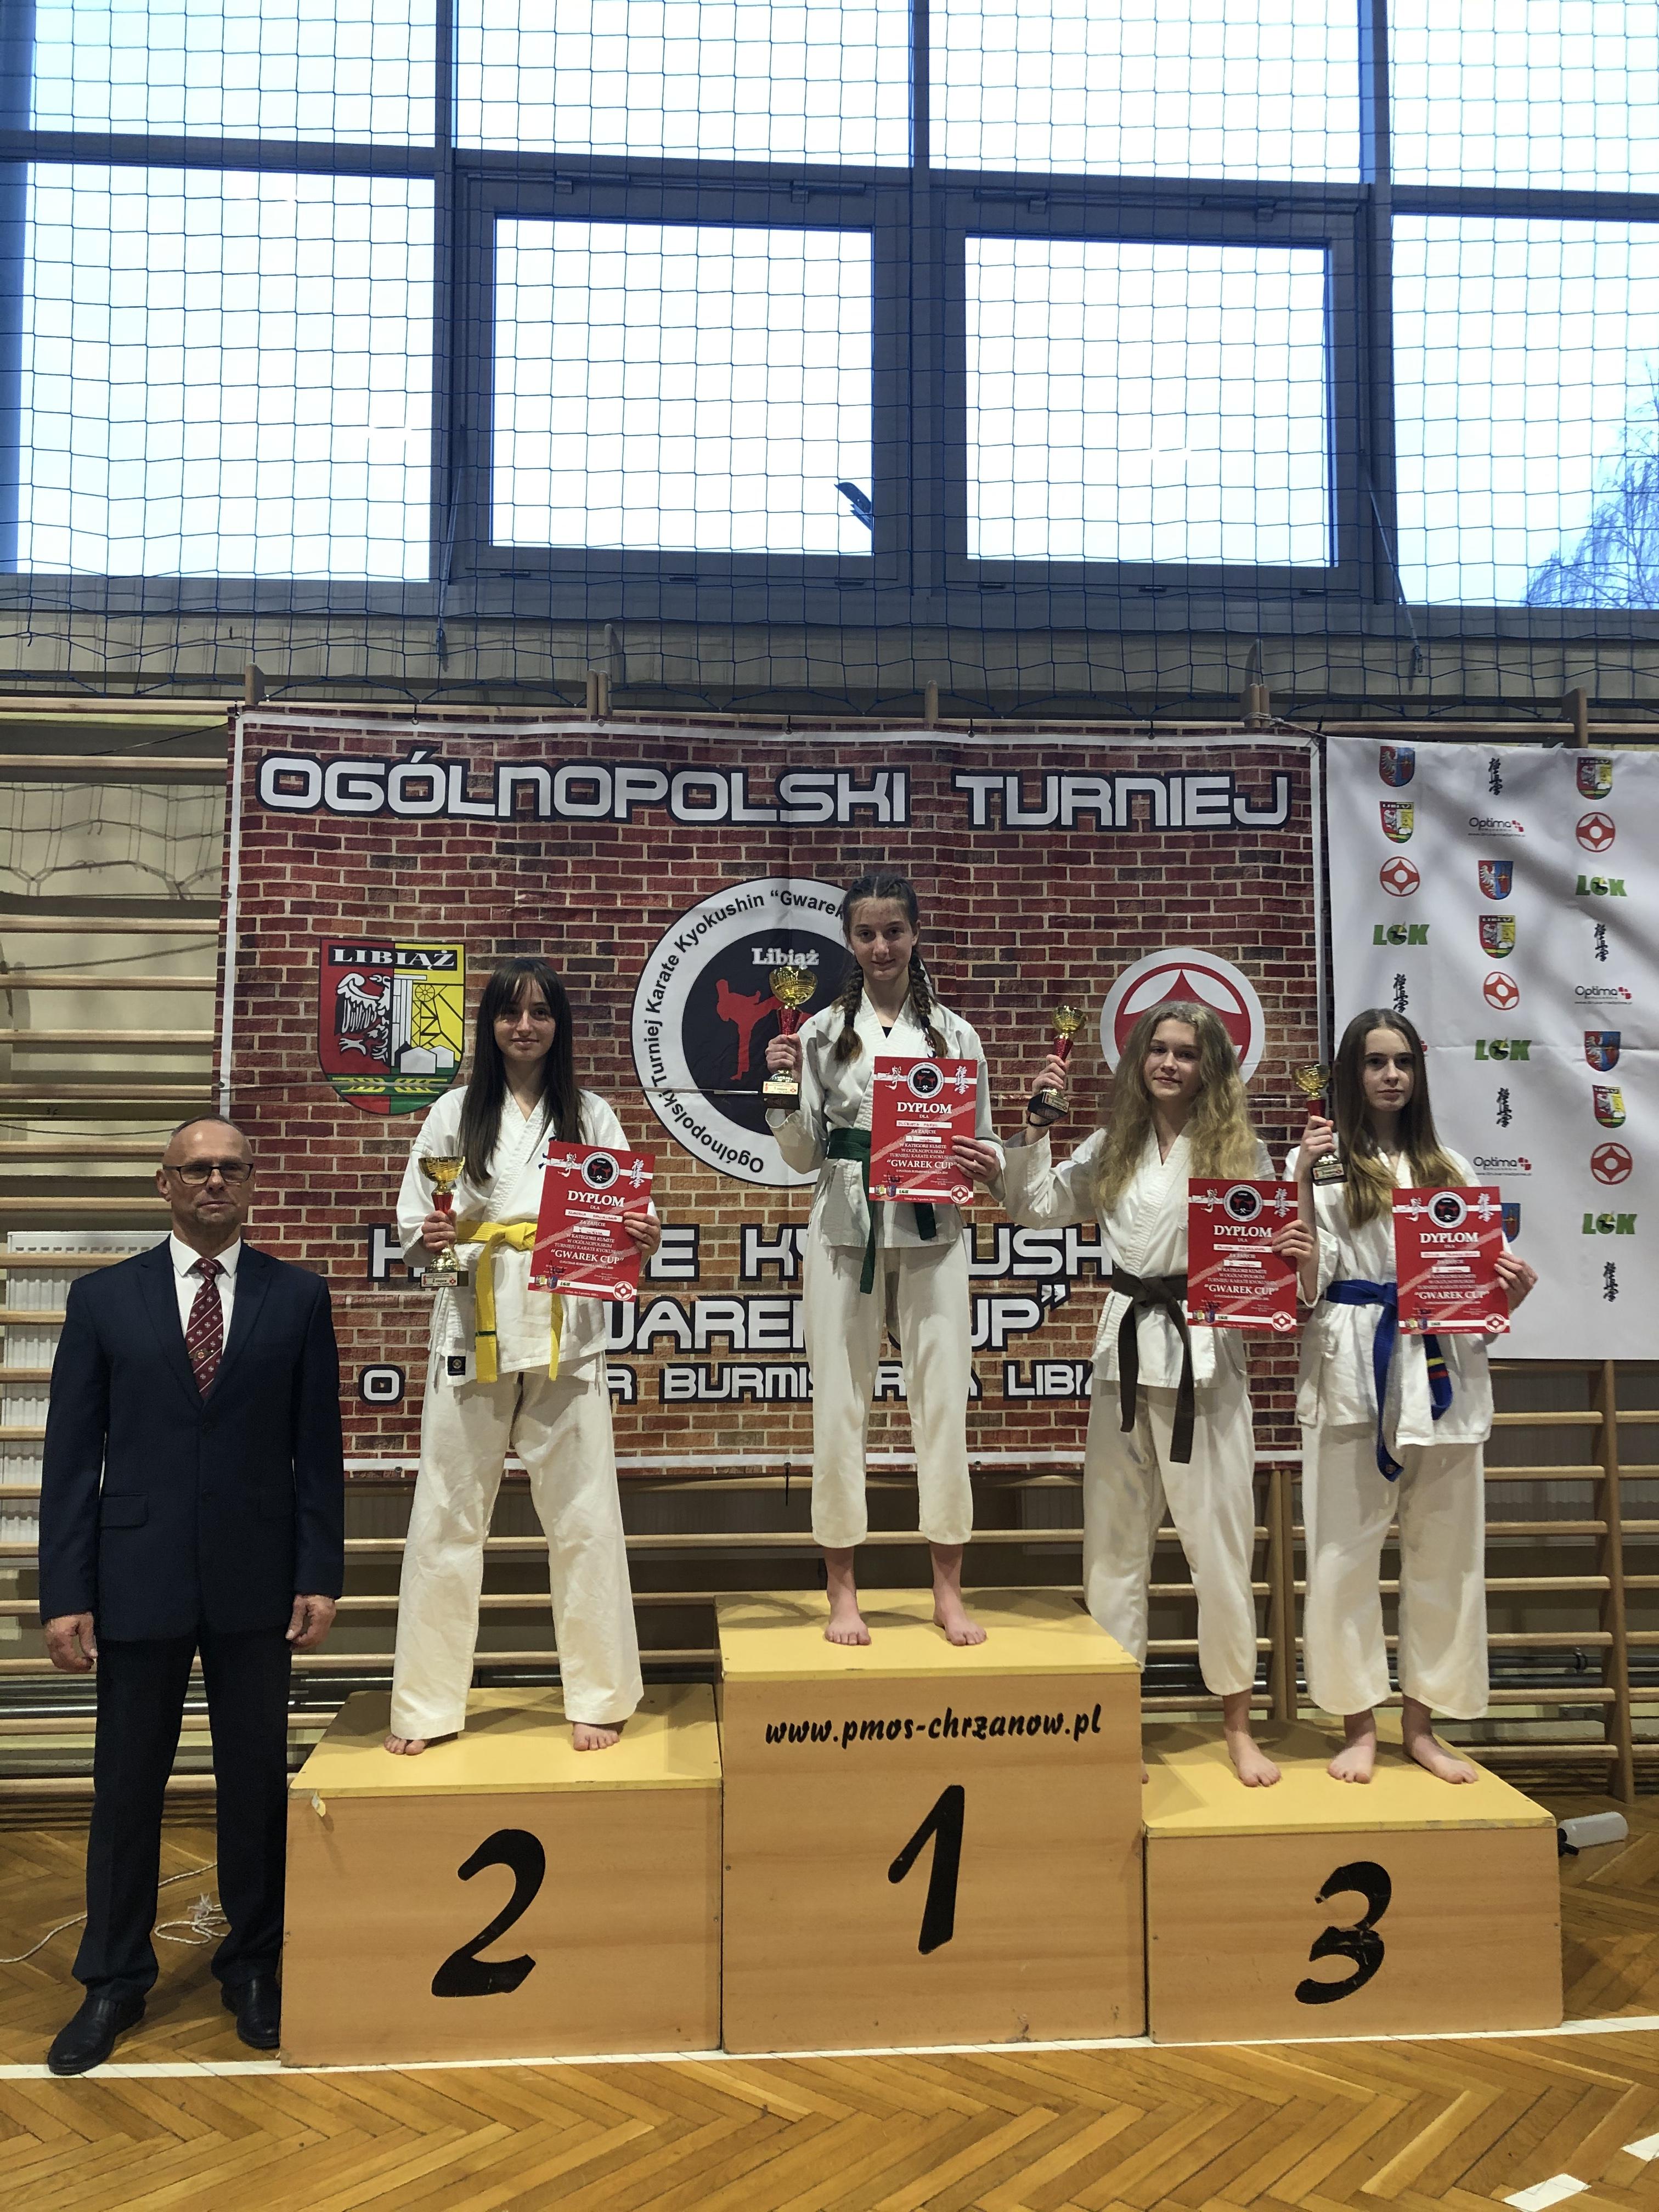 """Medalistki zawodów """"Gwarek Cup"""" w kategorii juniorek młodszych do 50 kg. Na najwyższym stopniu podium Elżbieta Ferenc, a z brązowym medalem jej klubowa koleżanka - Oliwia Greczner (druga z prawej). Fot. zbiory OKK/nadesłane"""